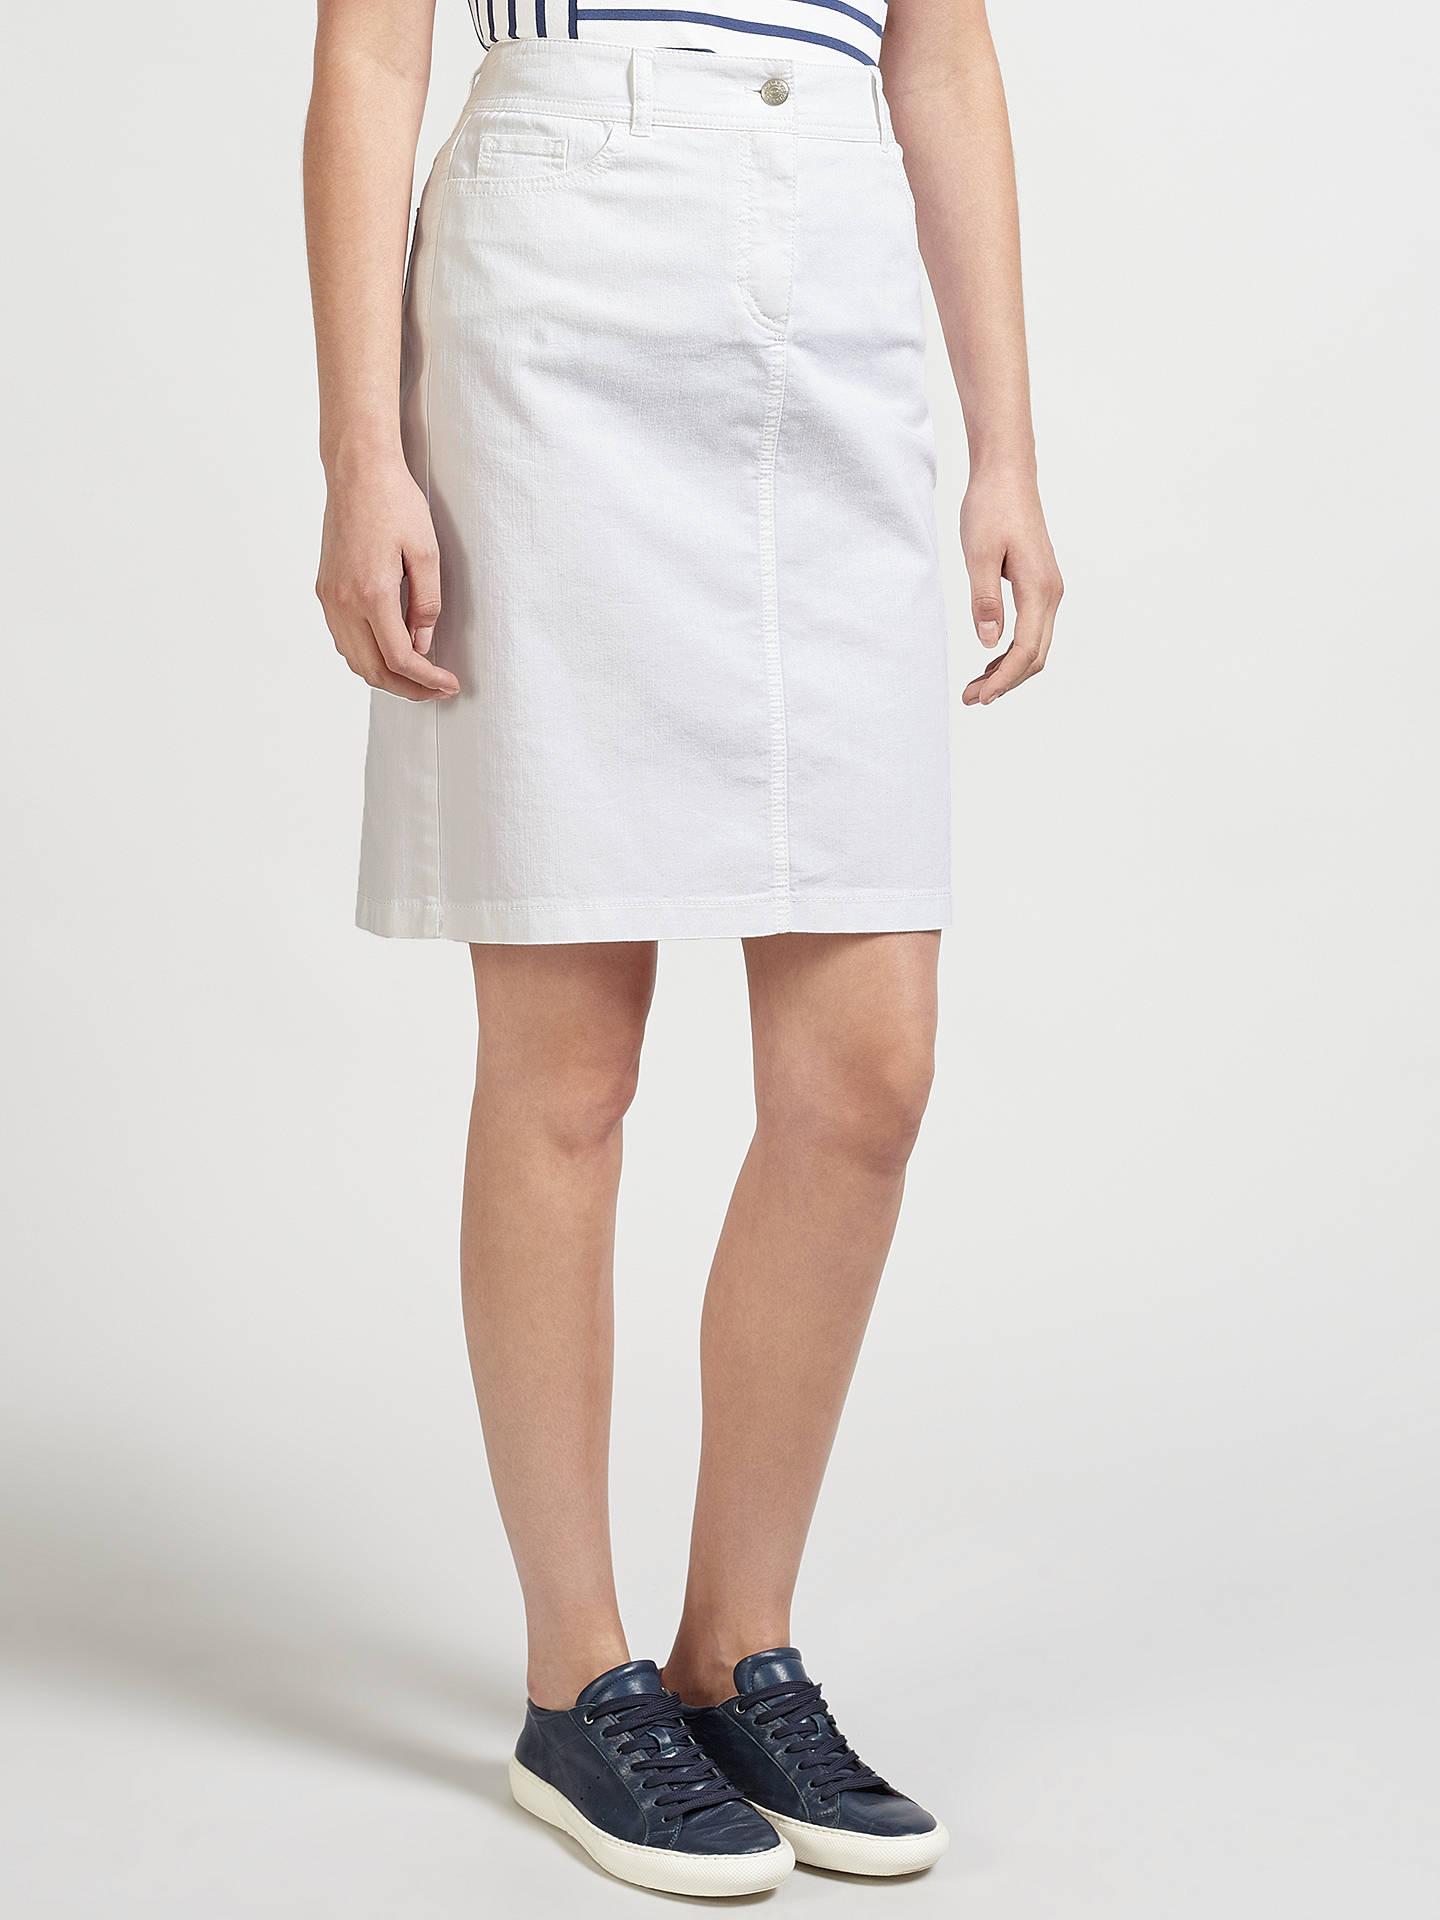 8071c5d5db ... Buy Gerry Weber Straight Denim Skirt, White, 14 Online at johnlewis.com  ...